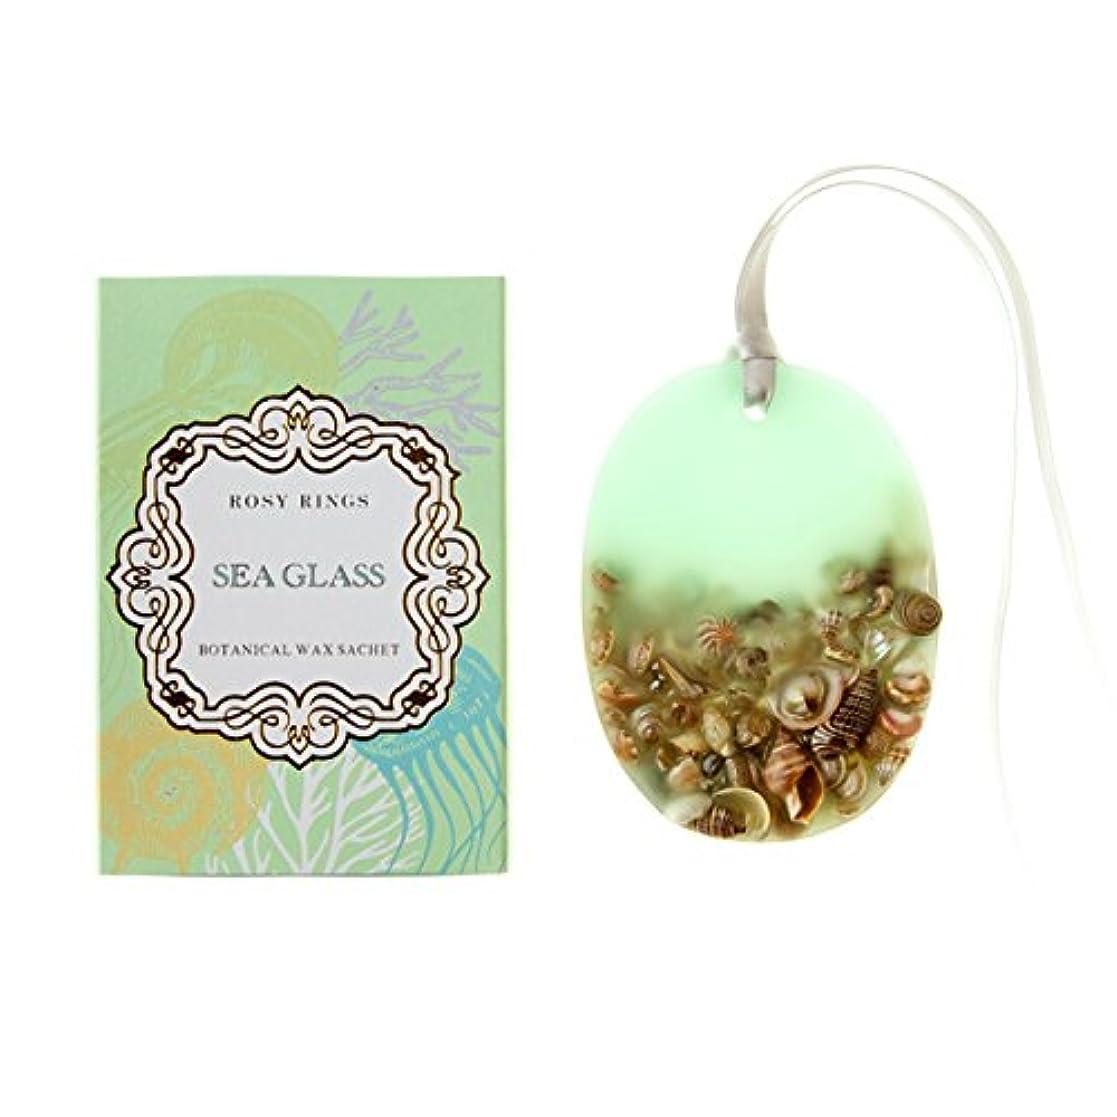 復活頻繁に規模ロージーリングス プティボタニカルサシェ シーグラス ROSY RINGS Petite Oval Botanical Wax Sachet Sea Glass